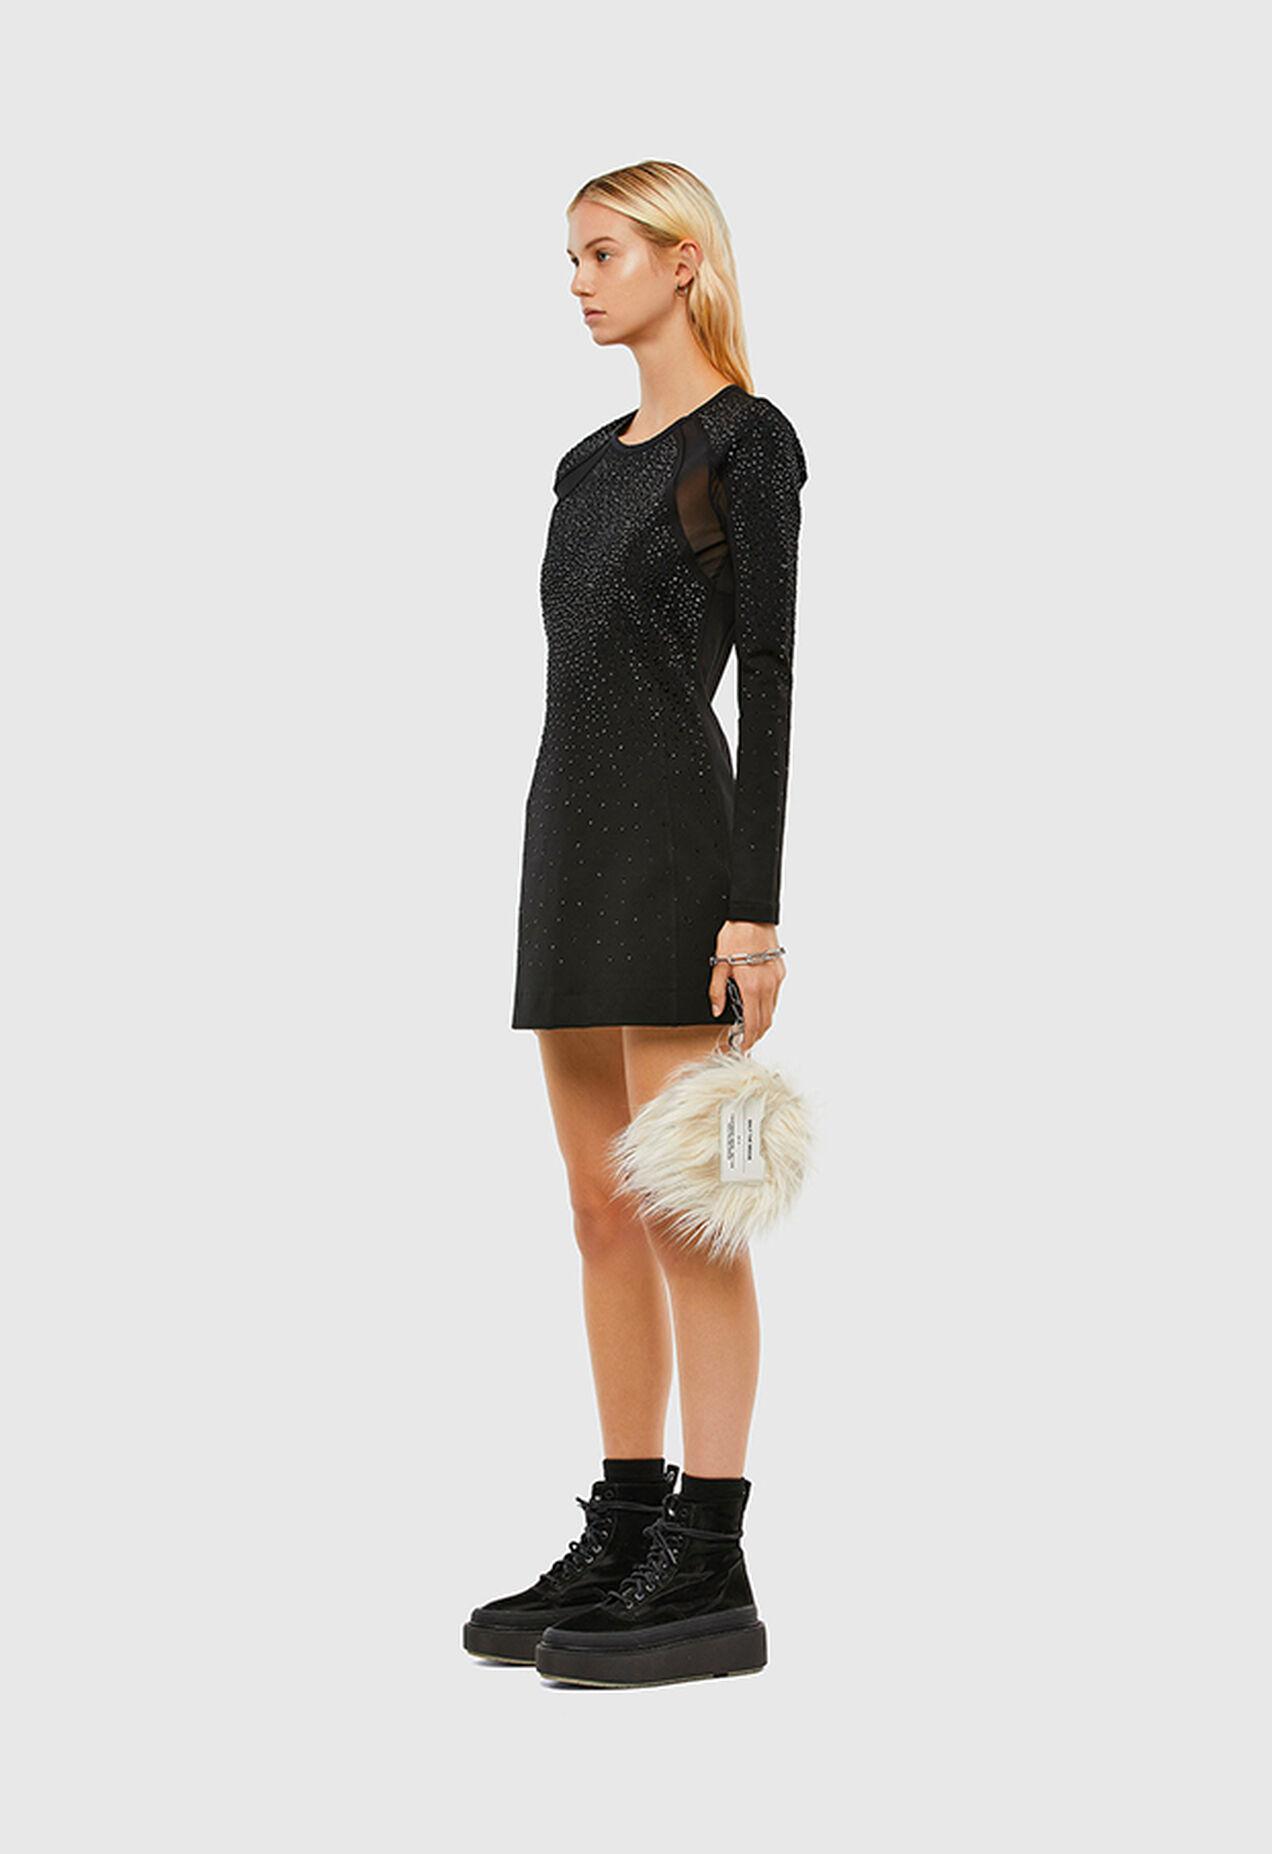 D-BRILLA, Black - Dresses